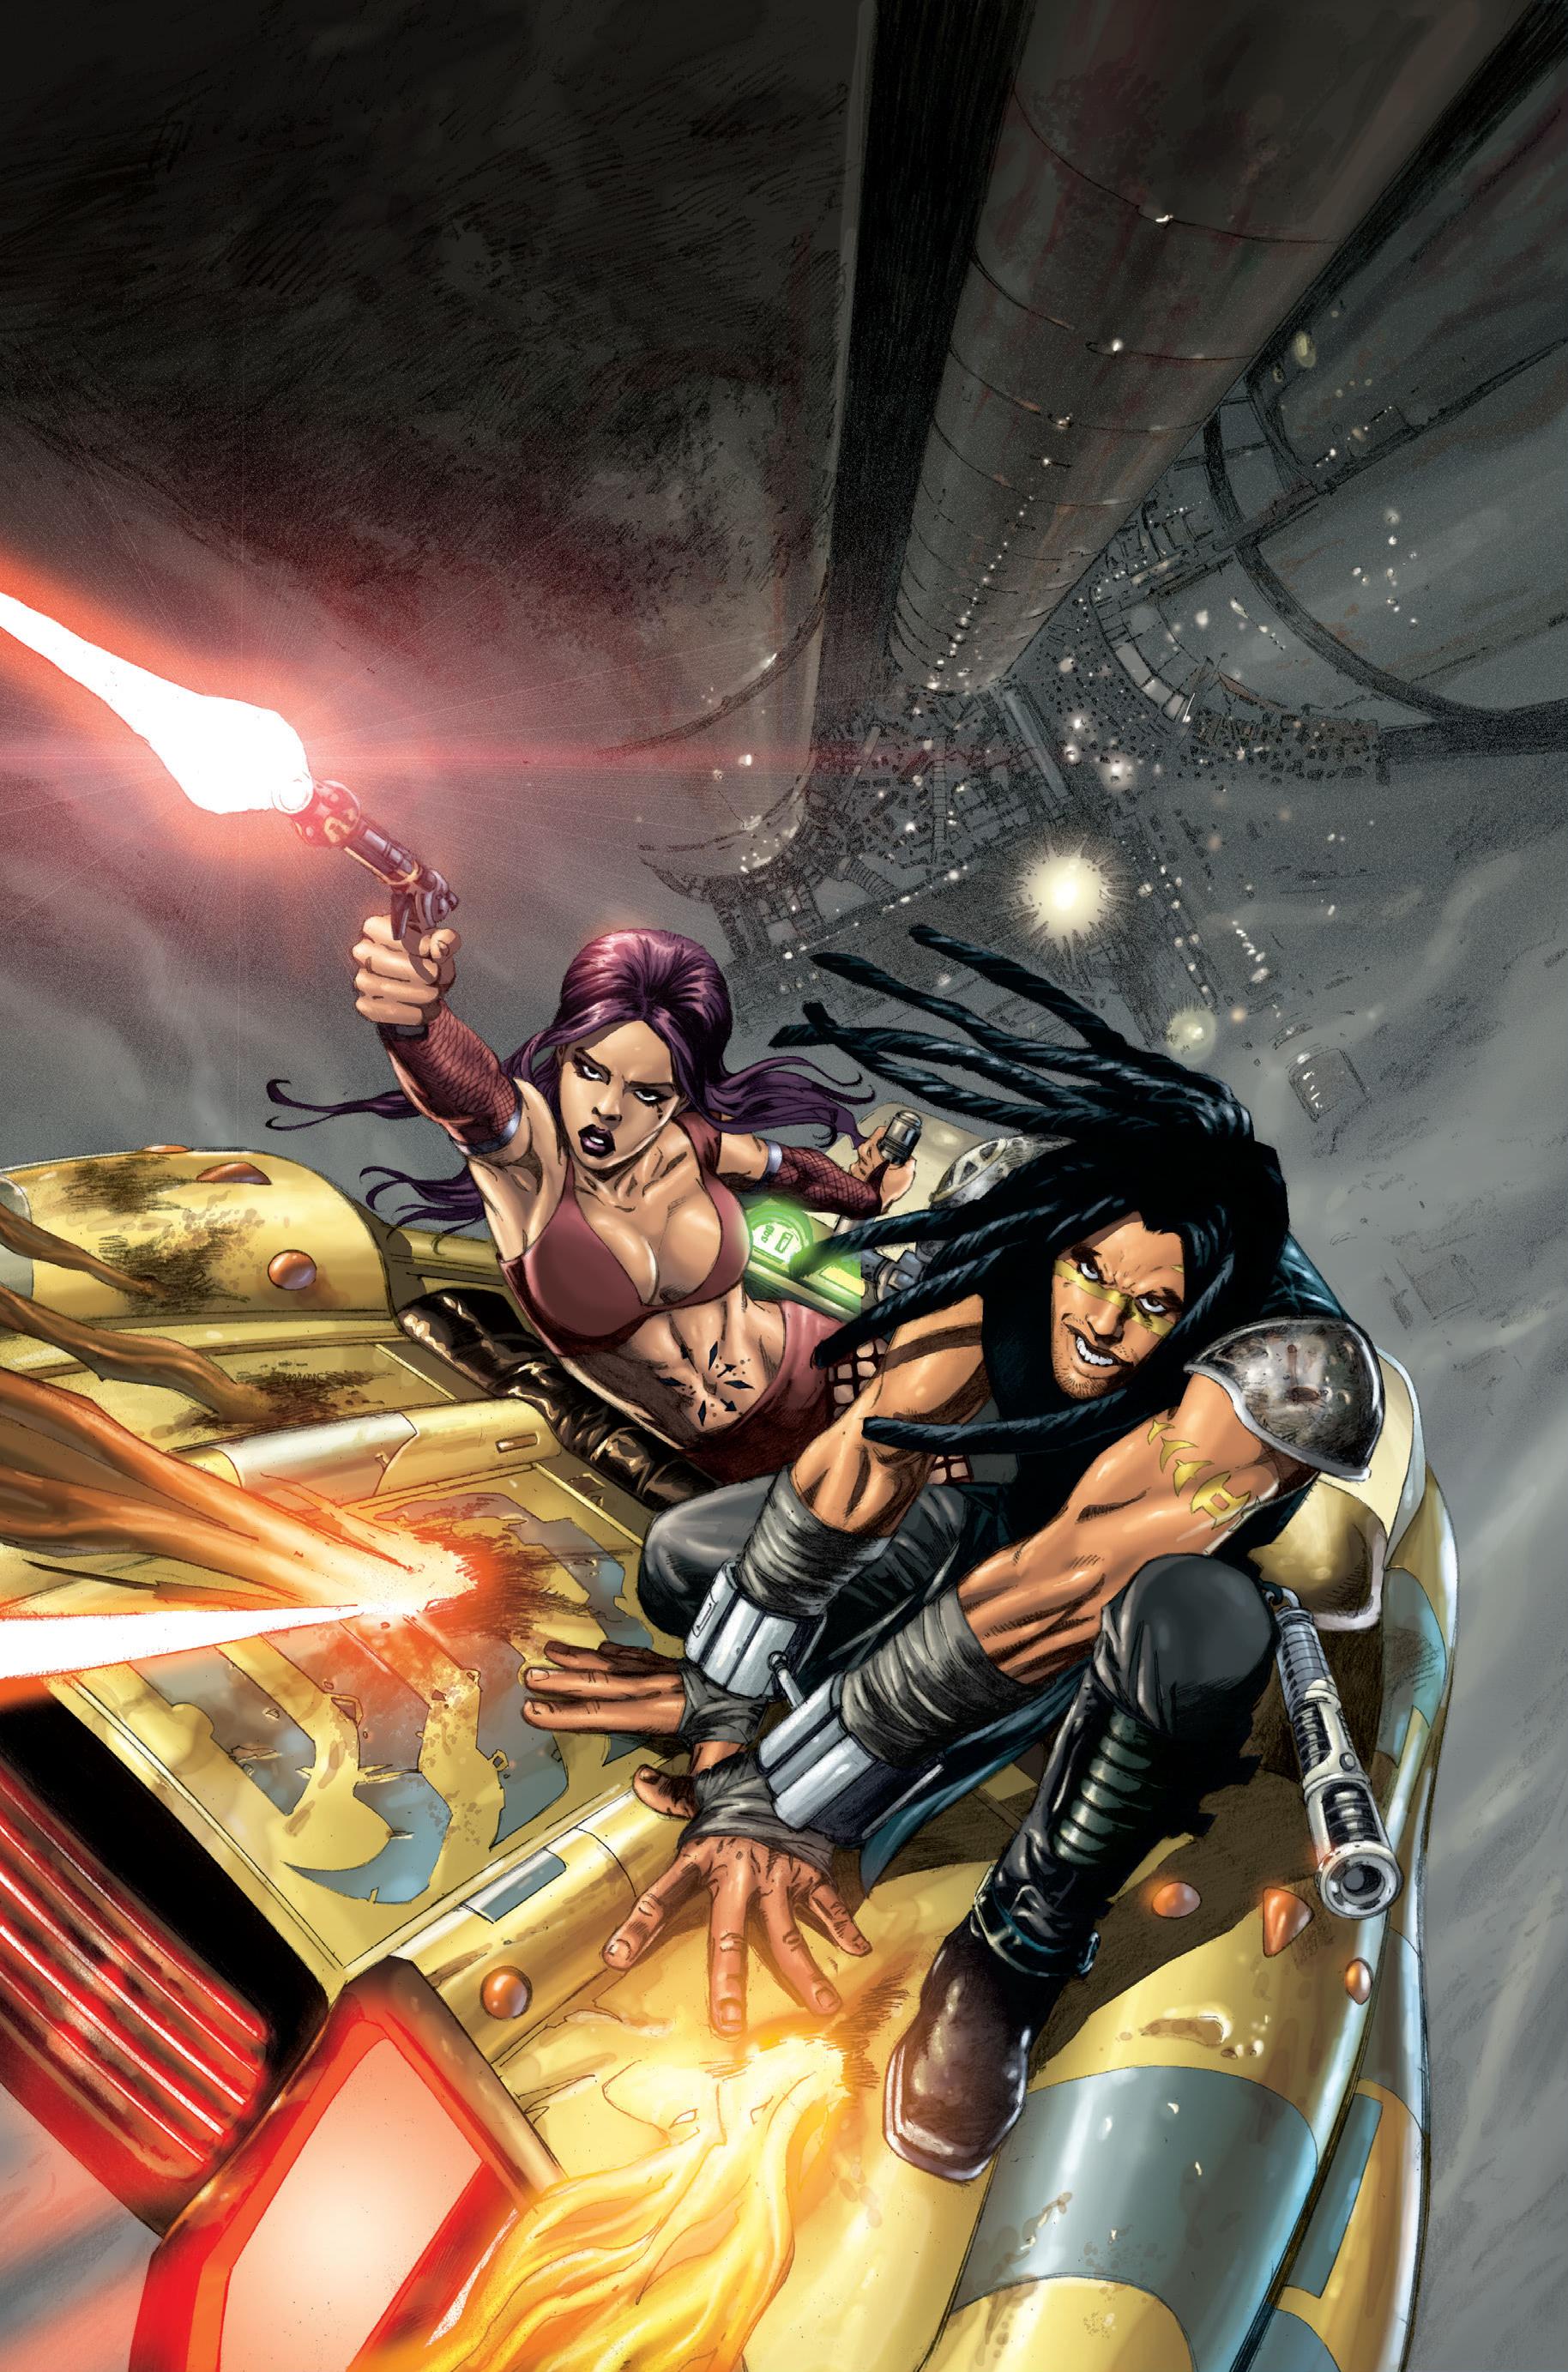 Mission to Nar Shaddaa (Clone Wars)